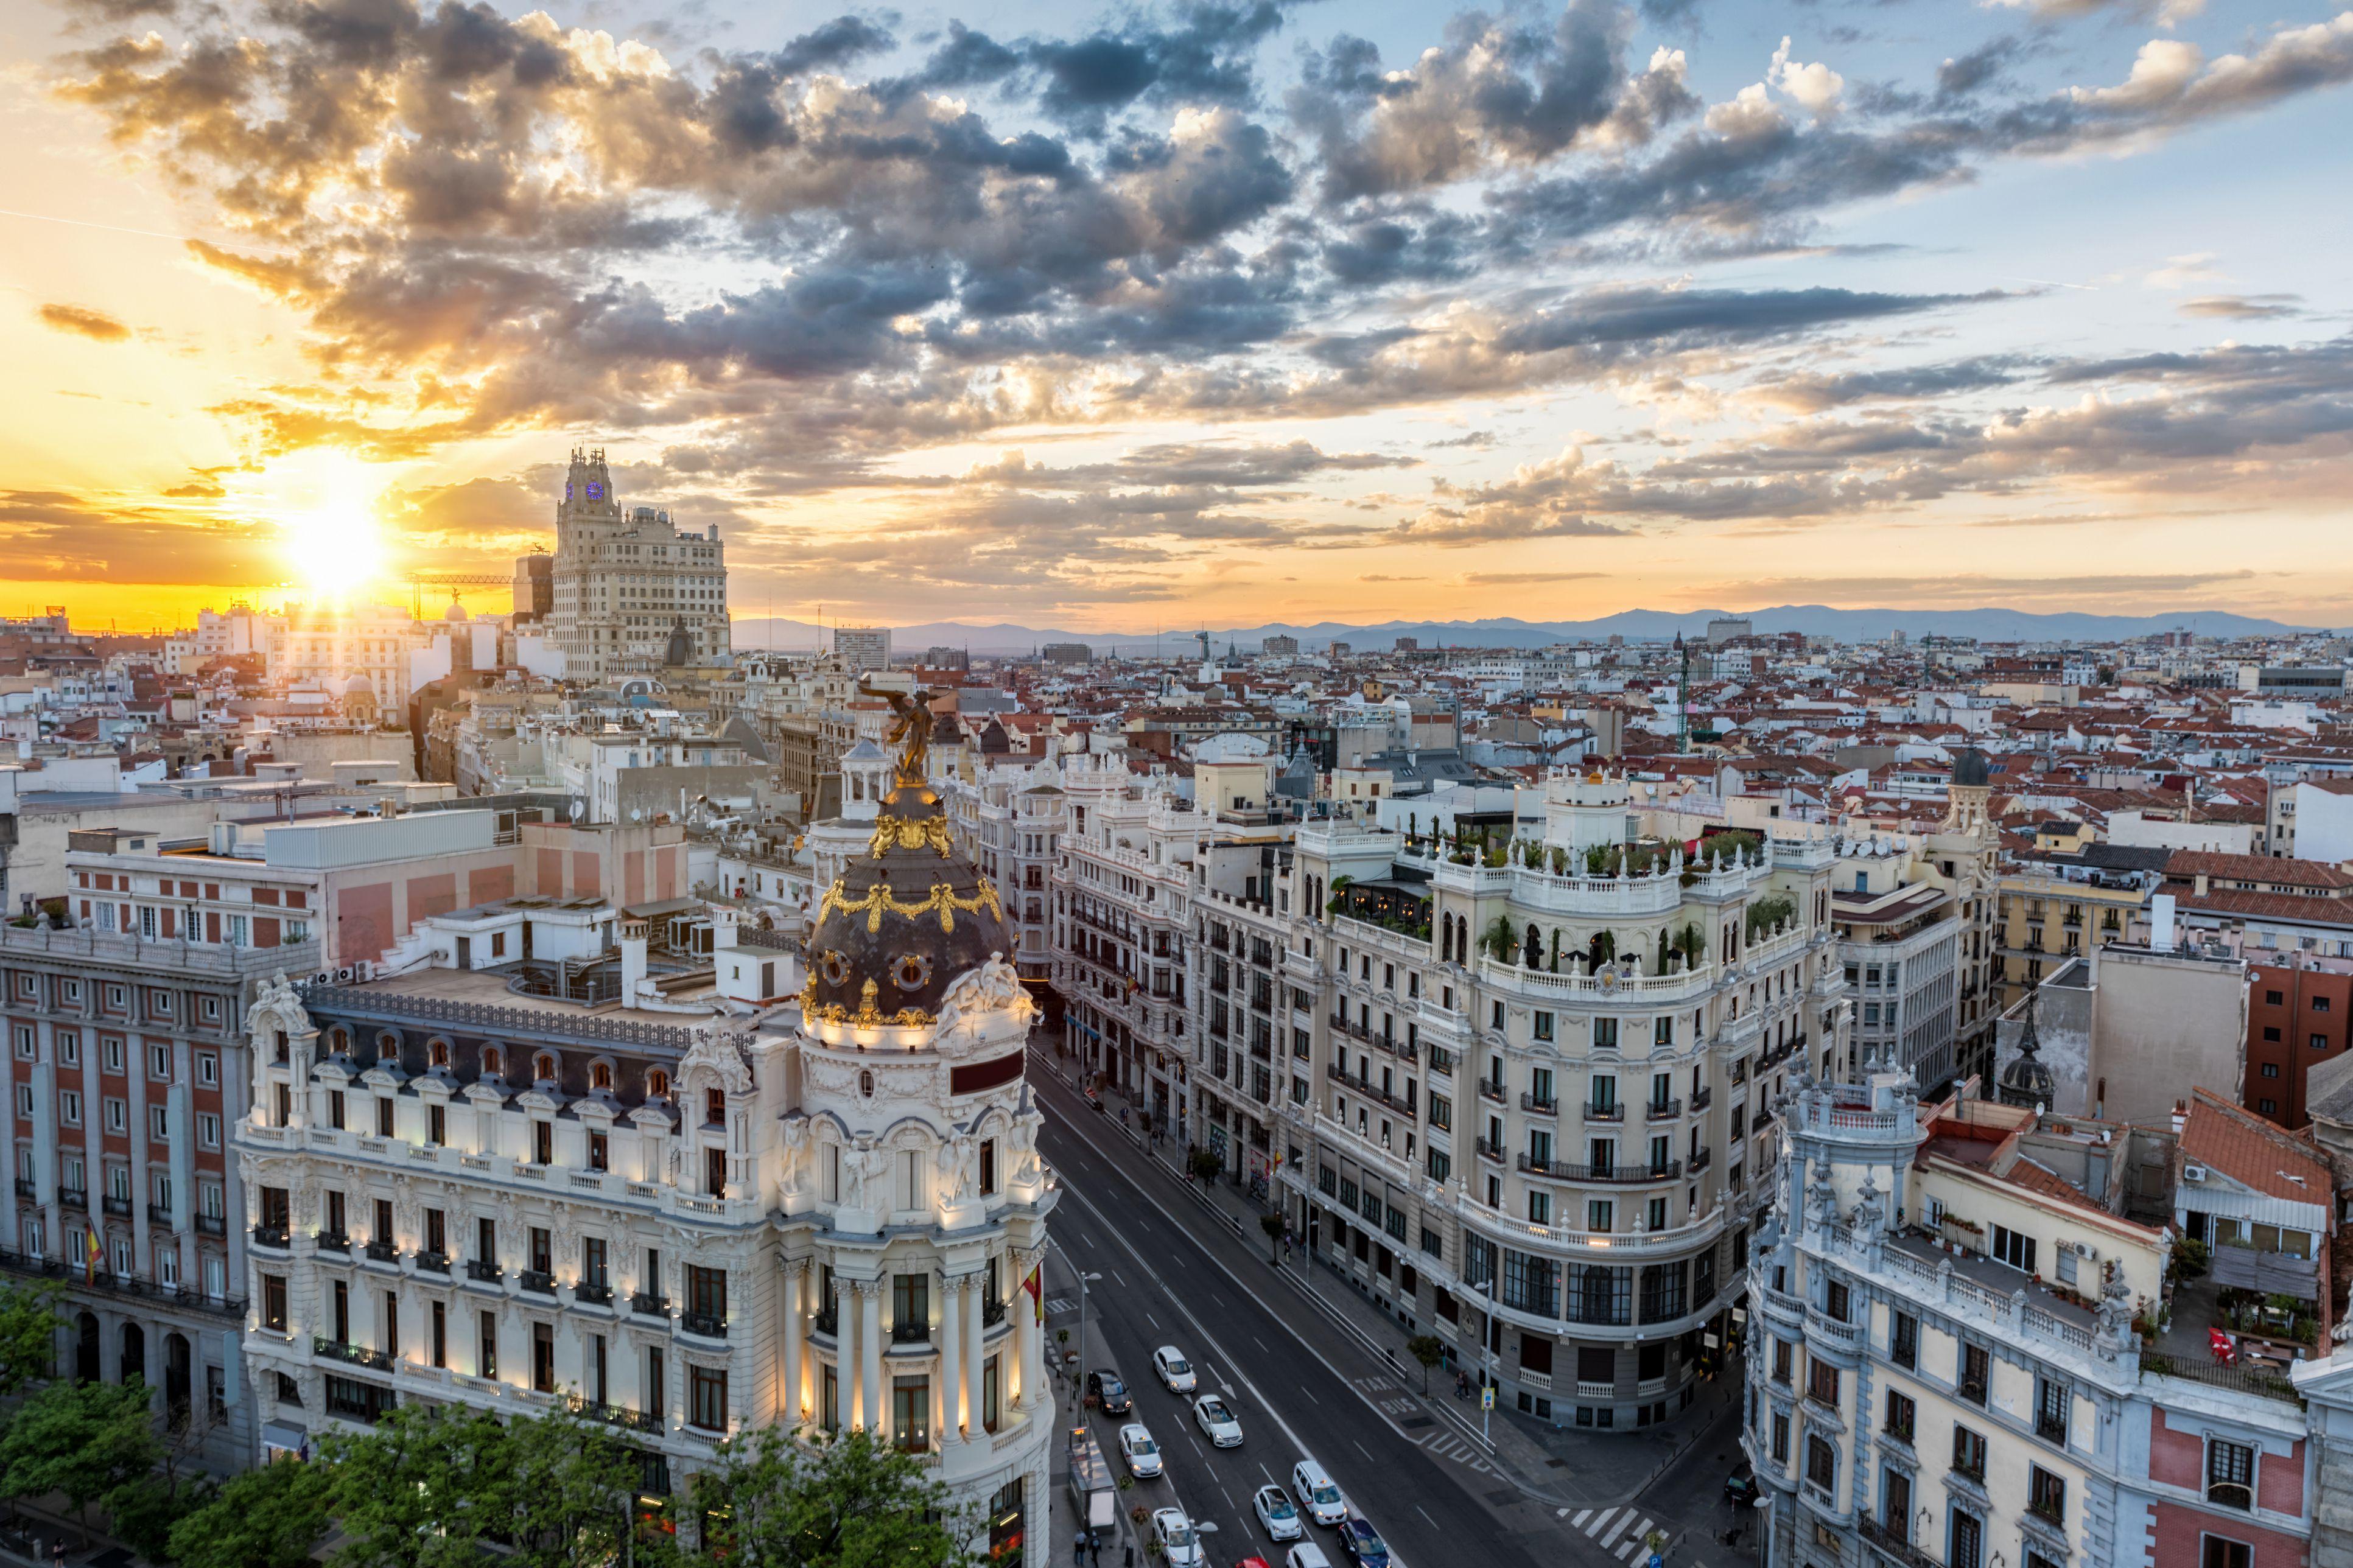 Should You Visit Madrid or Barcelona?